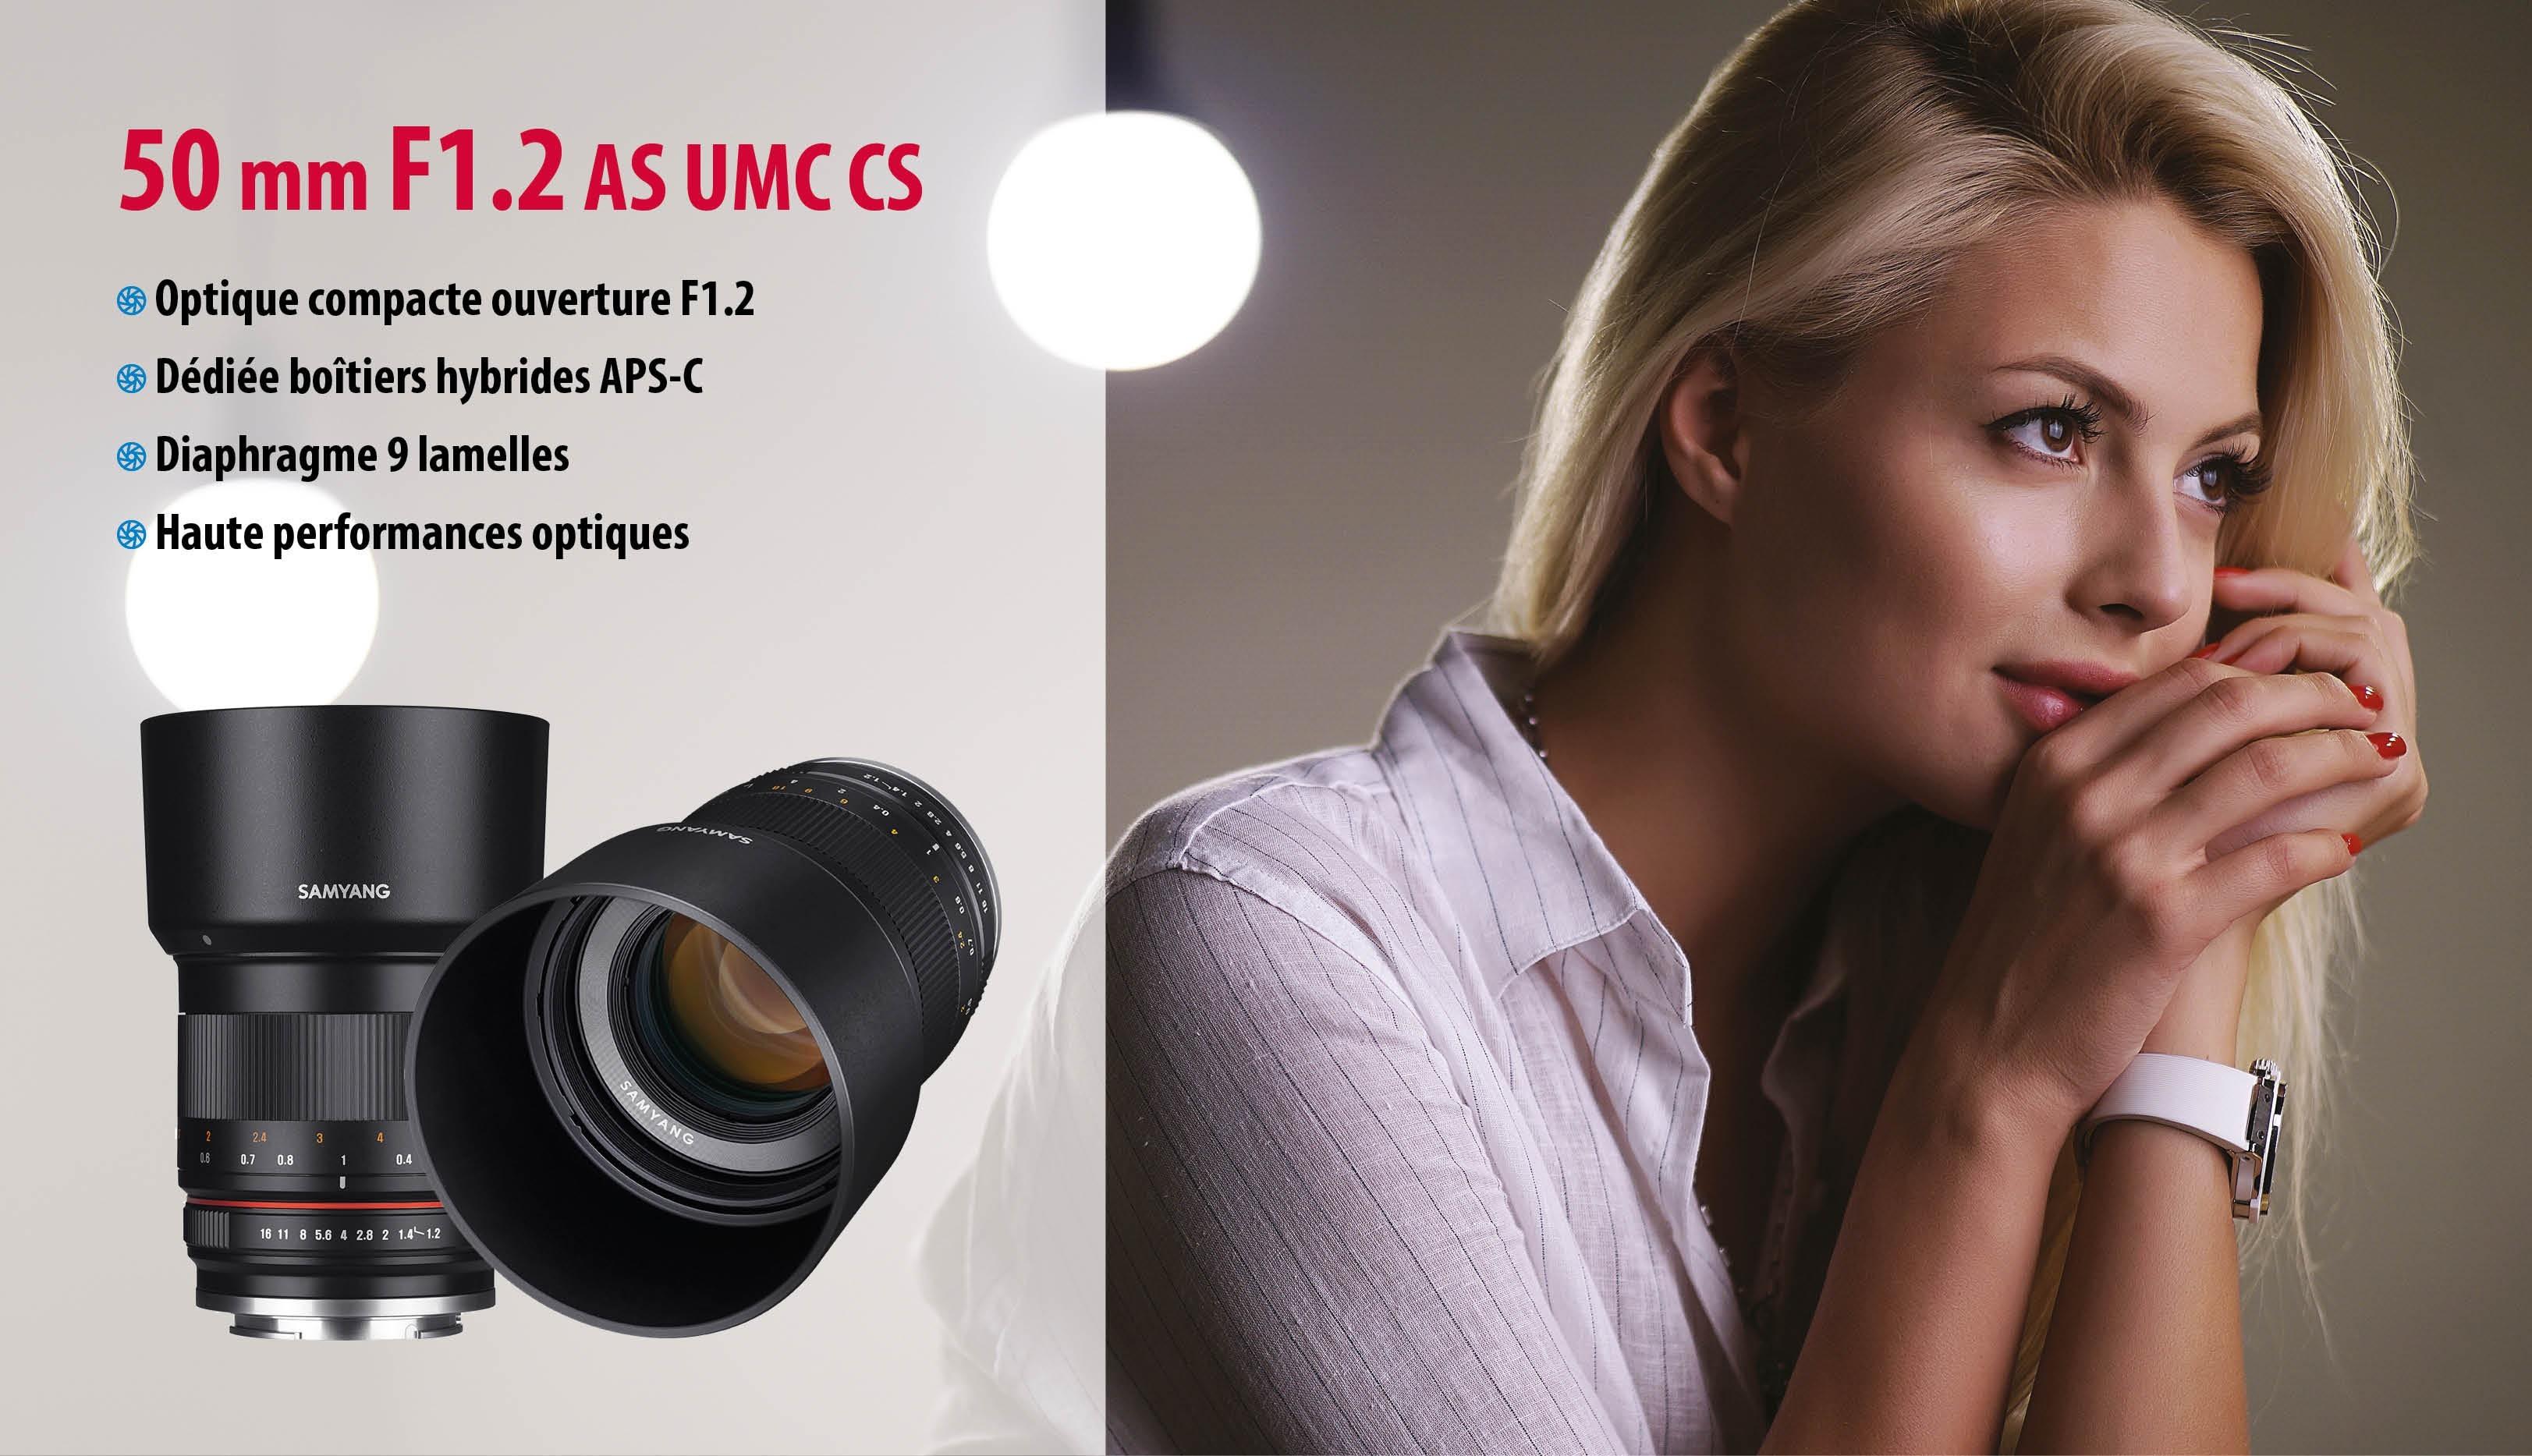 Nouvelle optique 50mm F1.2 AS UMC CS